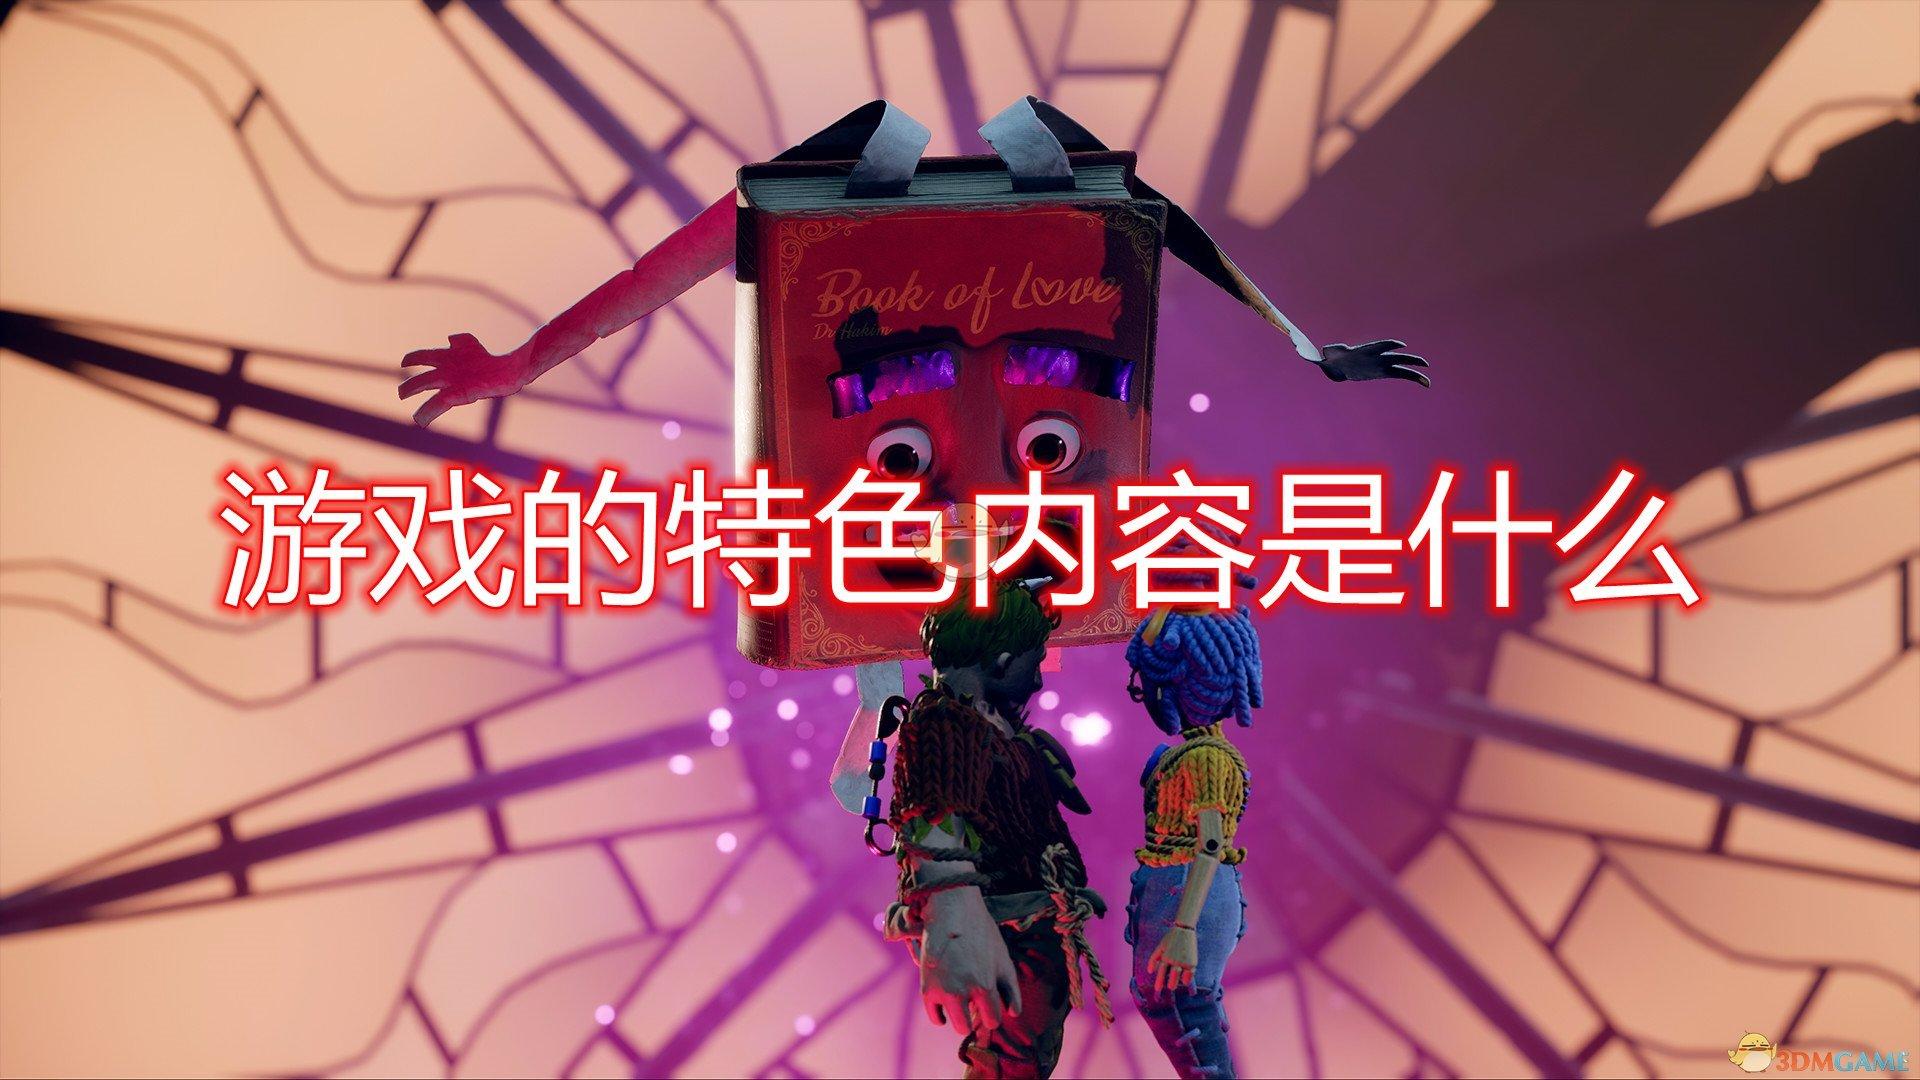 《双人成行》游戏特色内容一览